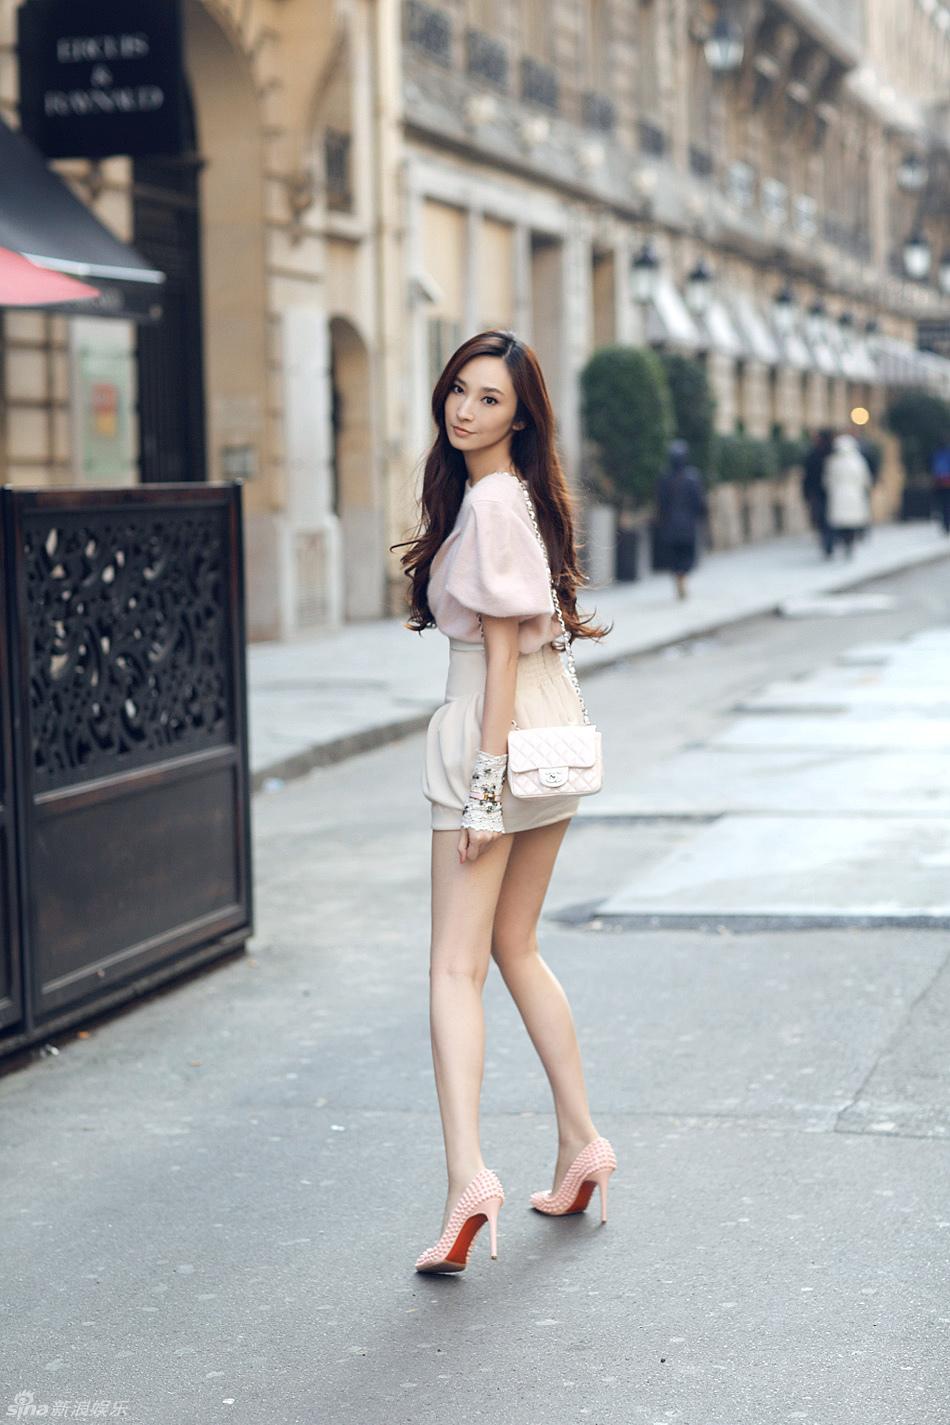 http://www.sinaimg.cn/dy/slidenews/4_img/2013_10/704_902864_791472.jpg